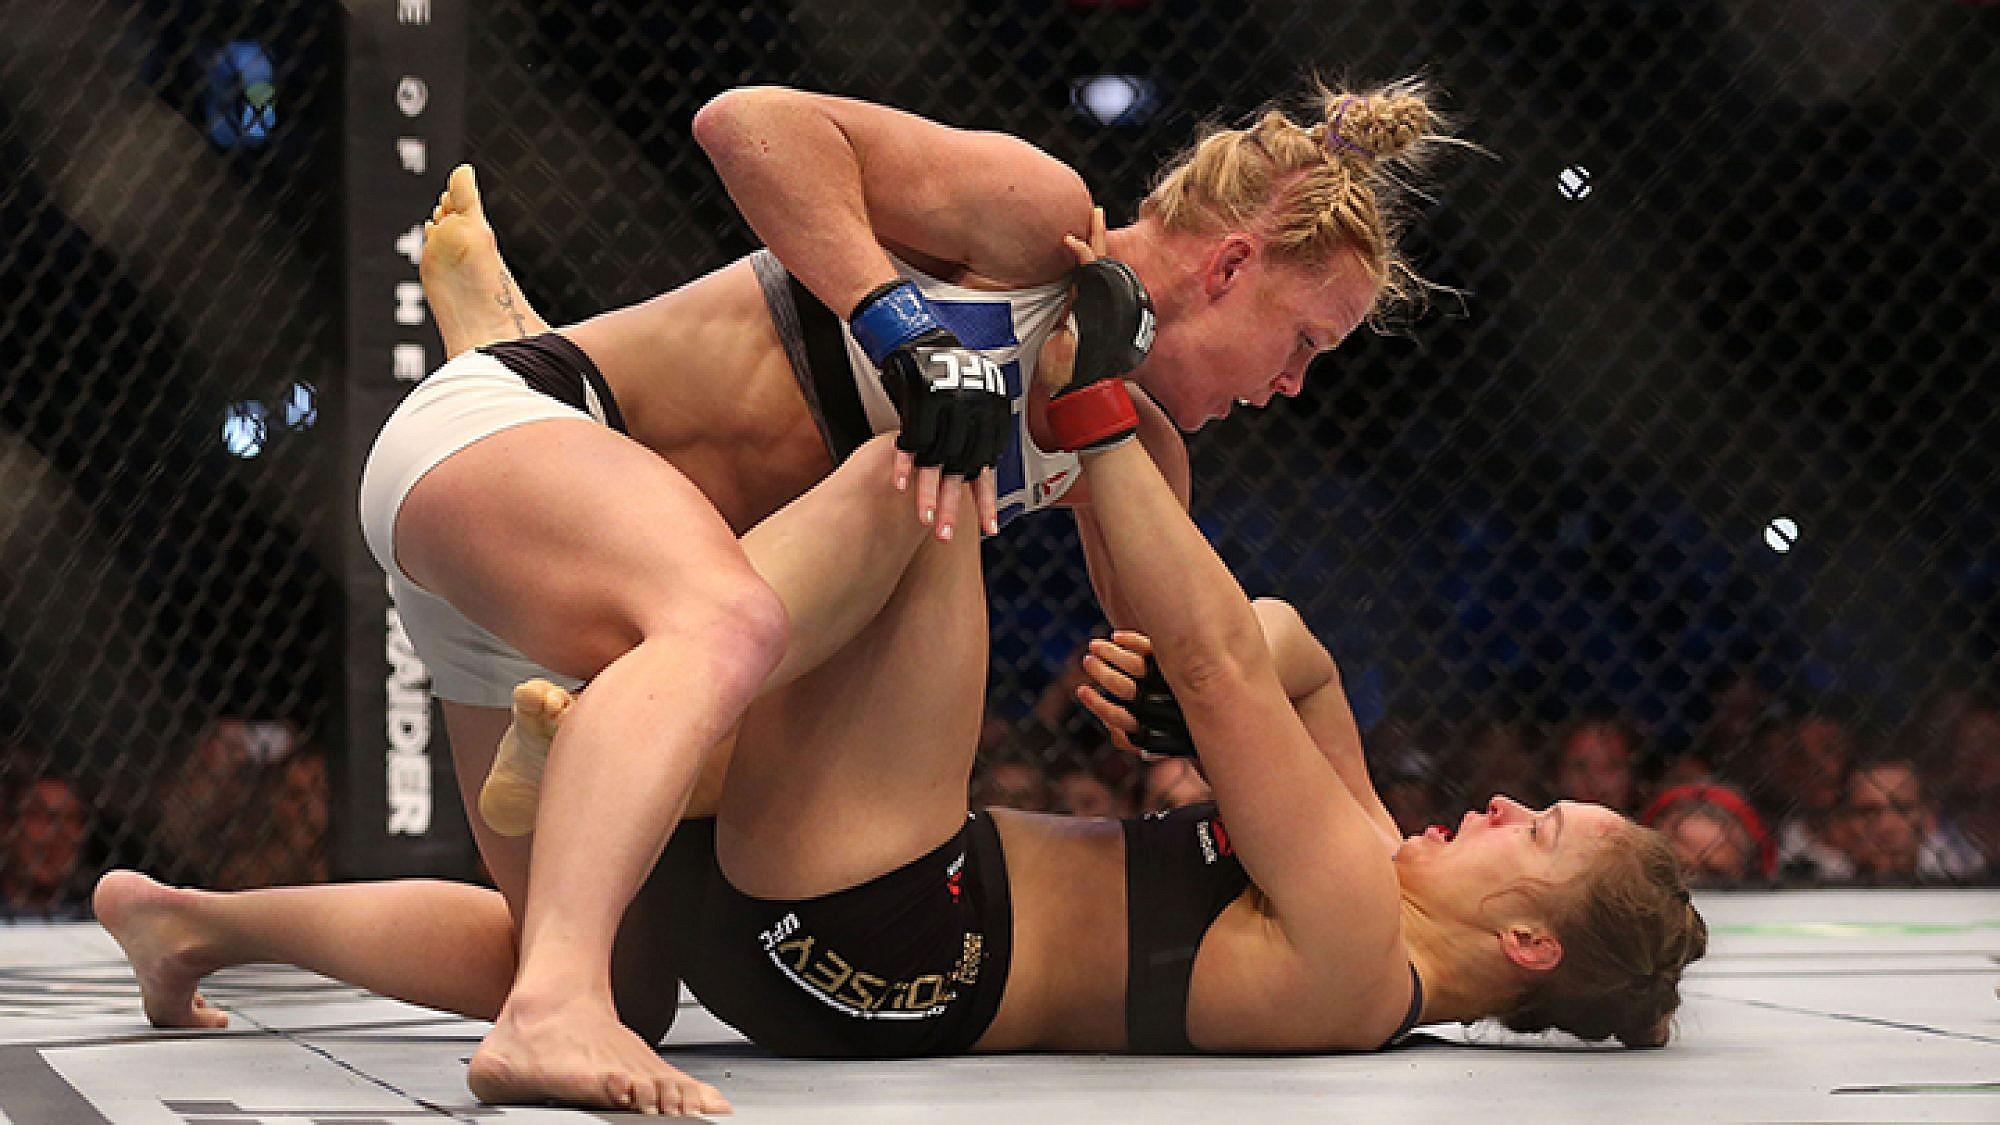 רונדה ראוזי (למטה) מובסת על ידי הולי הולם (למעלה) בקרב UFC האחרון   צילום: GettyImages